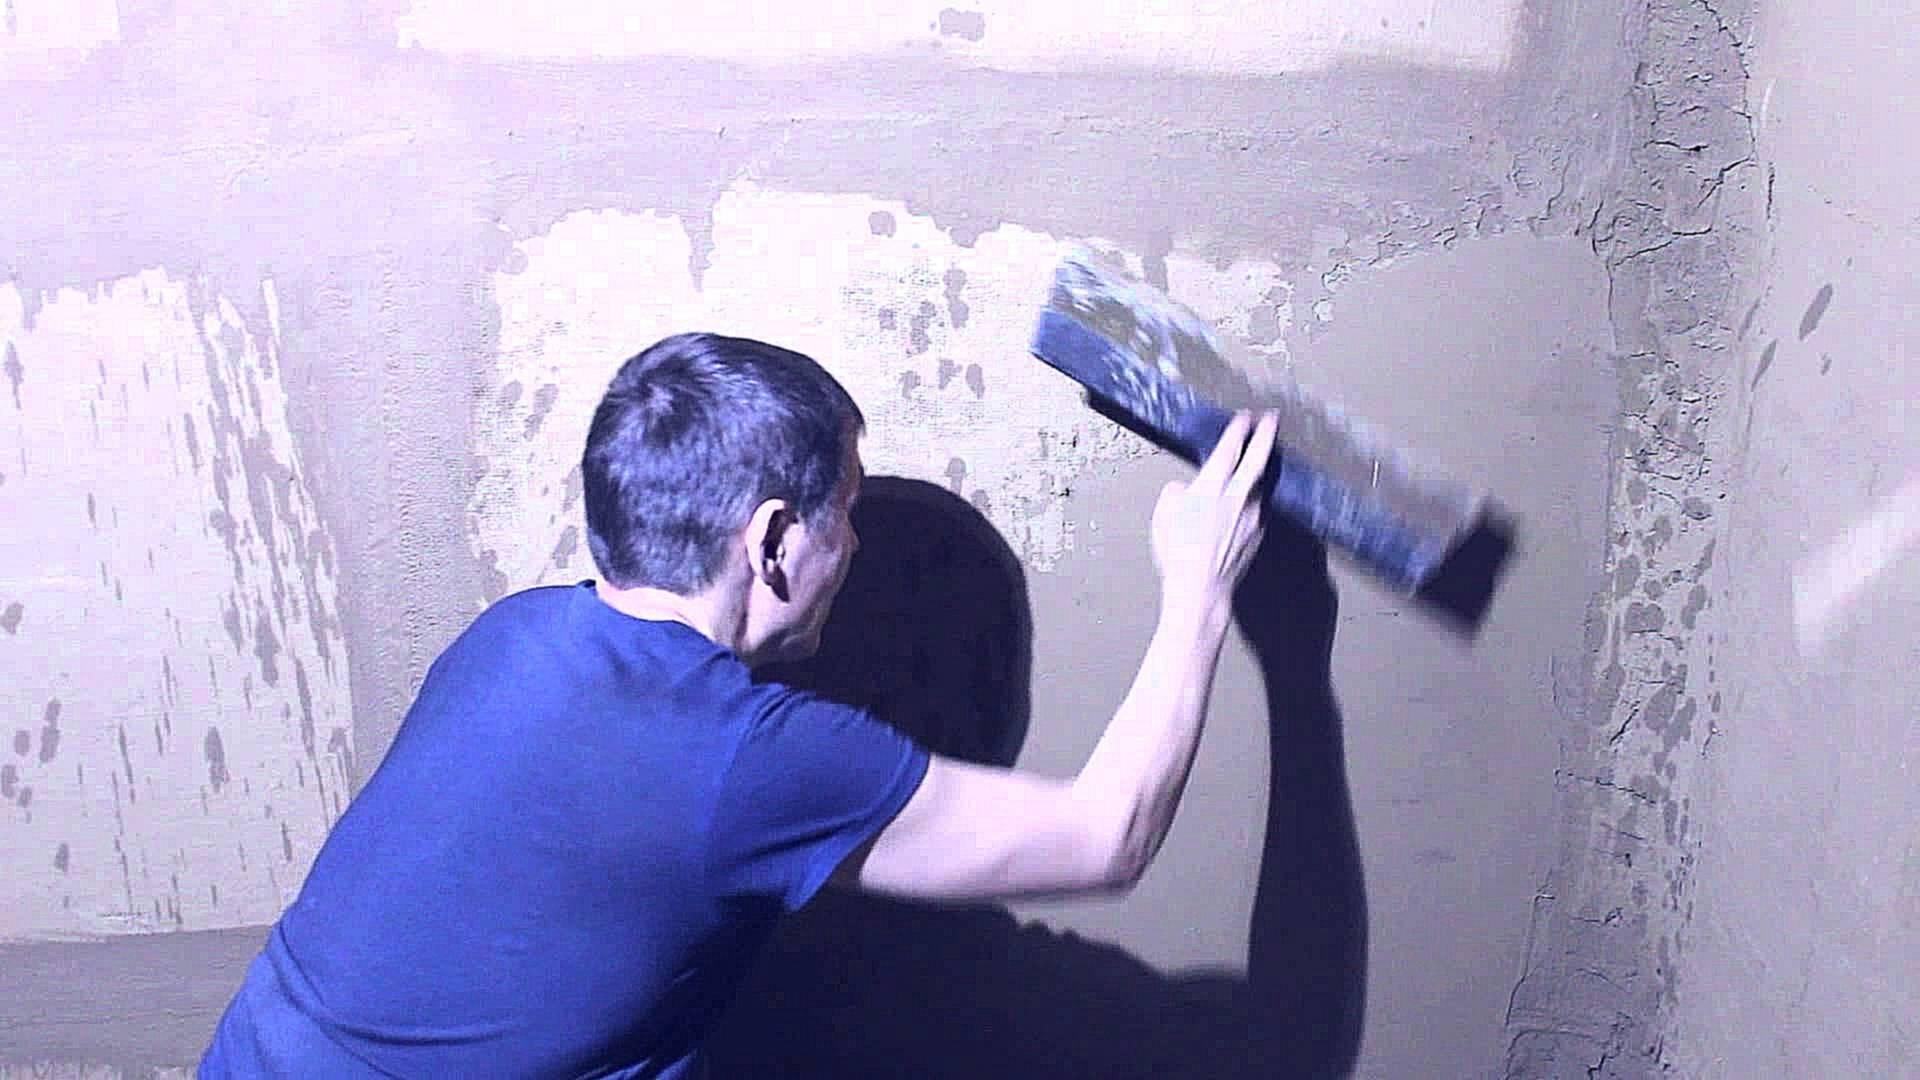 Как правильно шпаклевать стены своими руками - разновидности и технология шпаклевки + видео